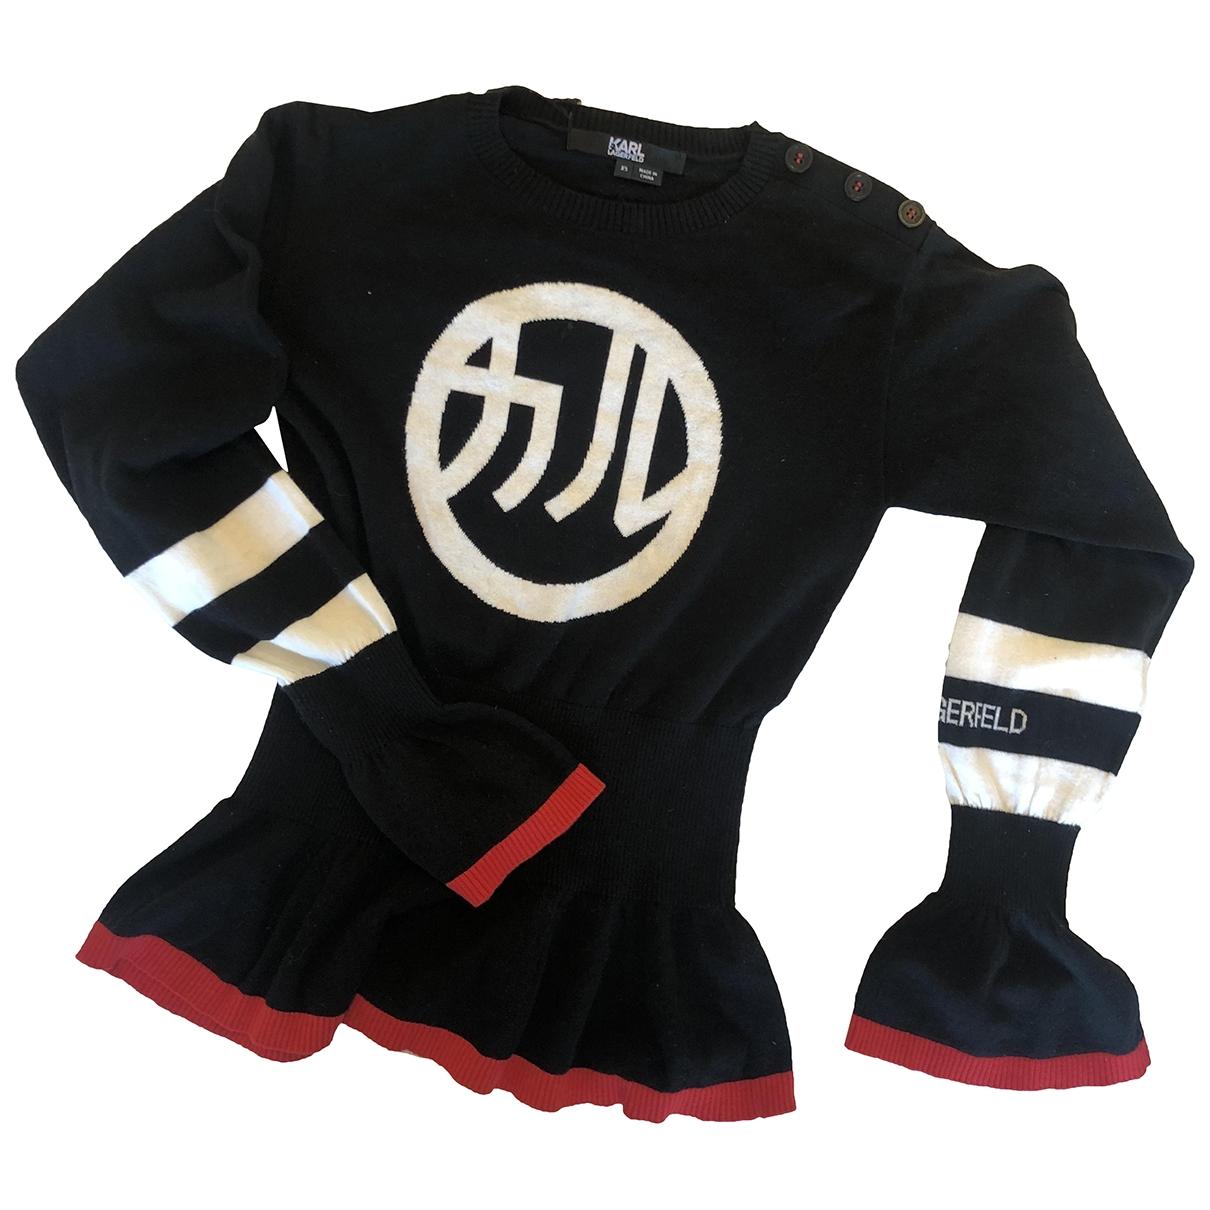 Karl Lagerfeld \N Black Cotton Knitwear for Women XS International